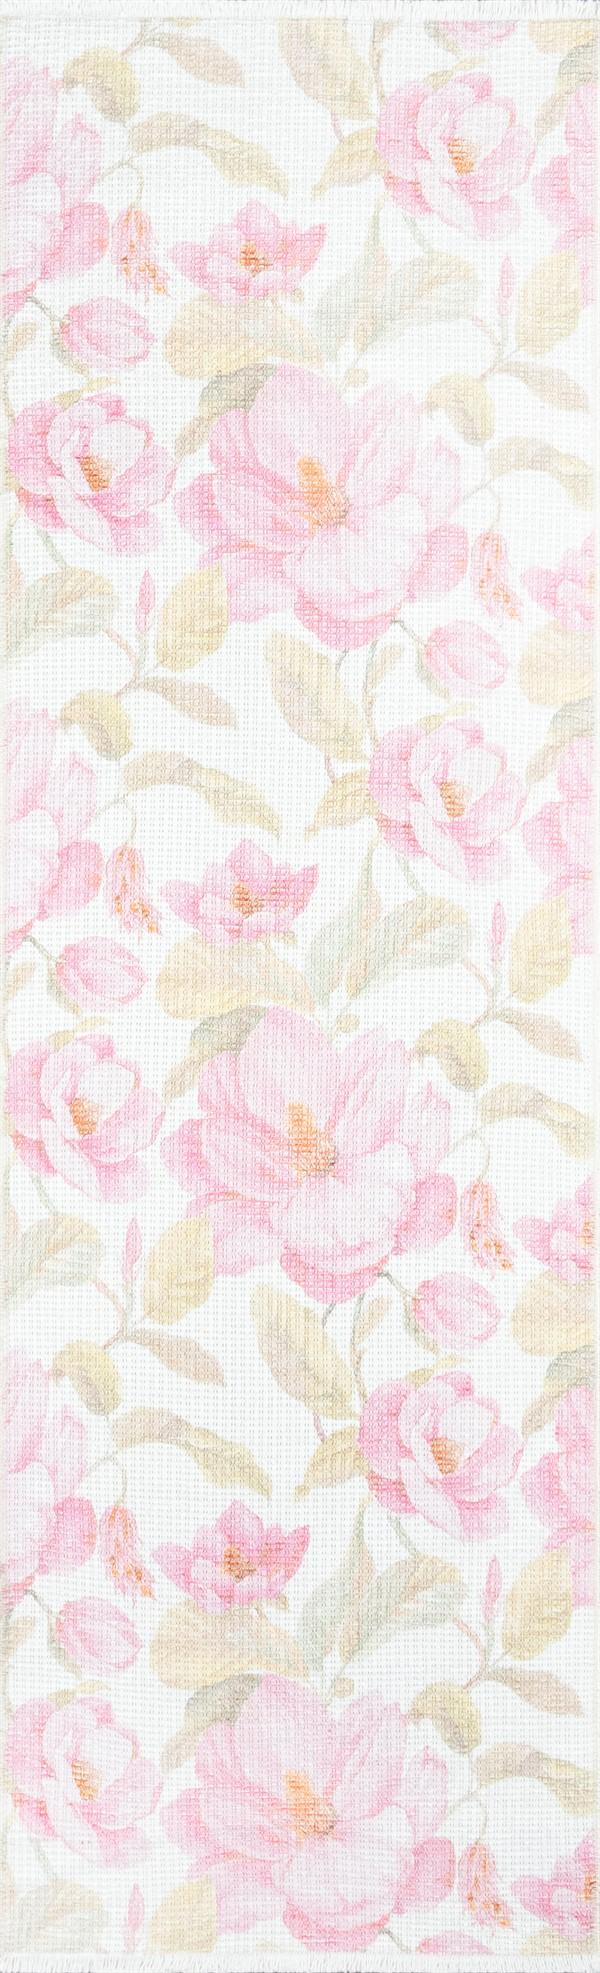 Cream, Pink, Leaf Floral / Botanical Area Rug